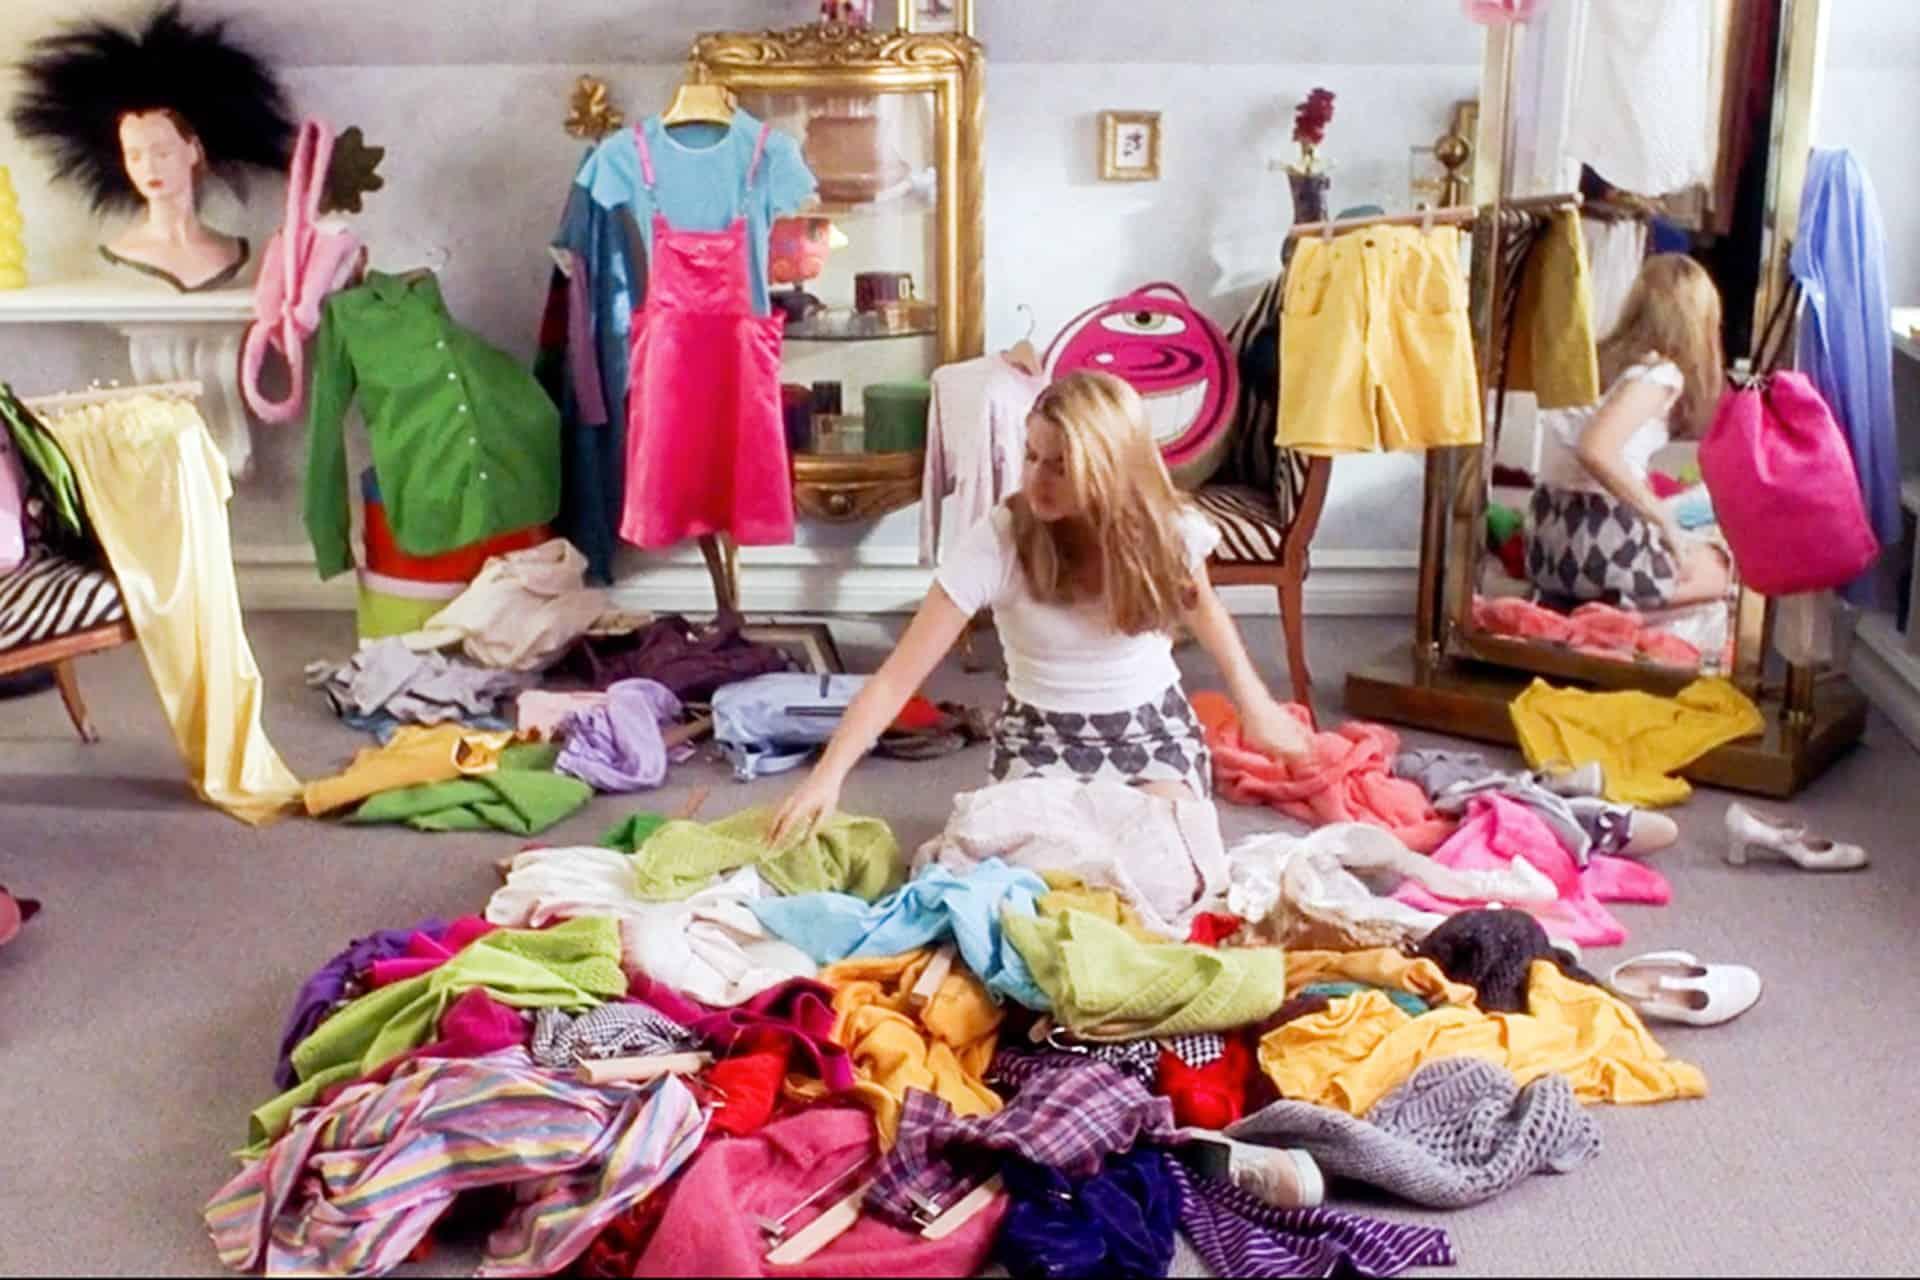 Одежды полный гардероб, а все не то, хочется чего-нибудь новенького, необычного!